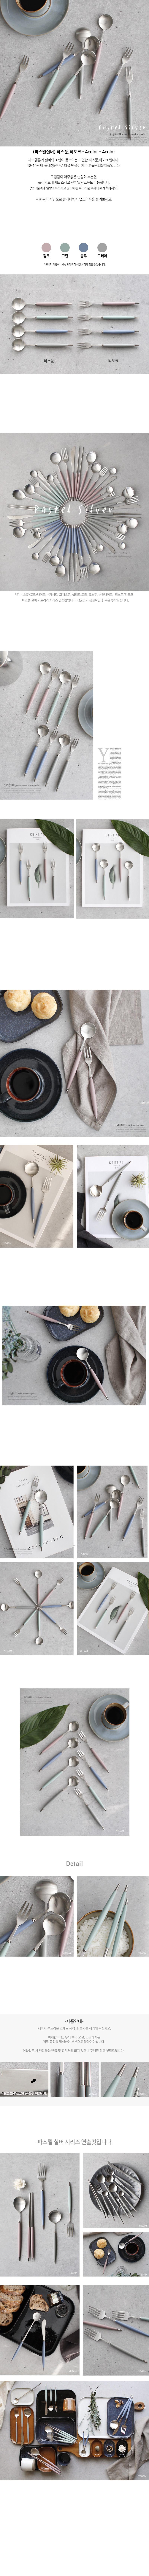 (파스텔실버) 티스푼 티포크 - 4color - 체리하우스, 4,400원, 숟가락/젓가락/스틱, 숟가락/젓가락 세트